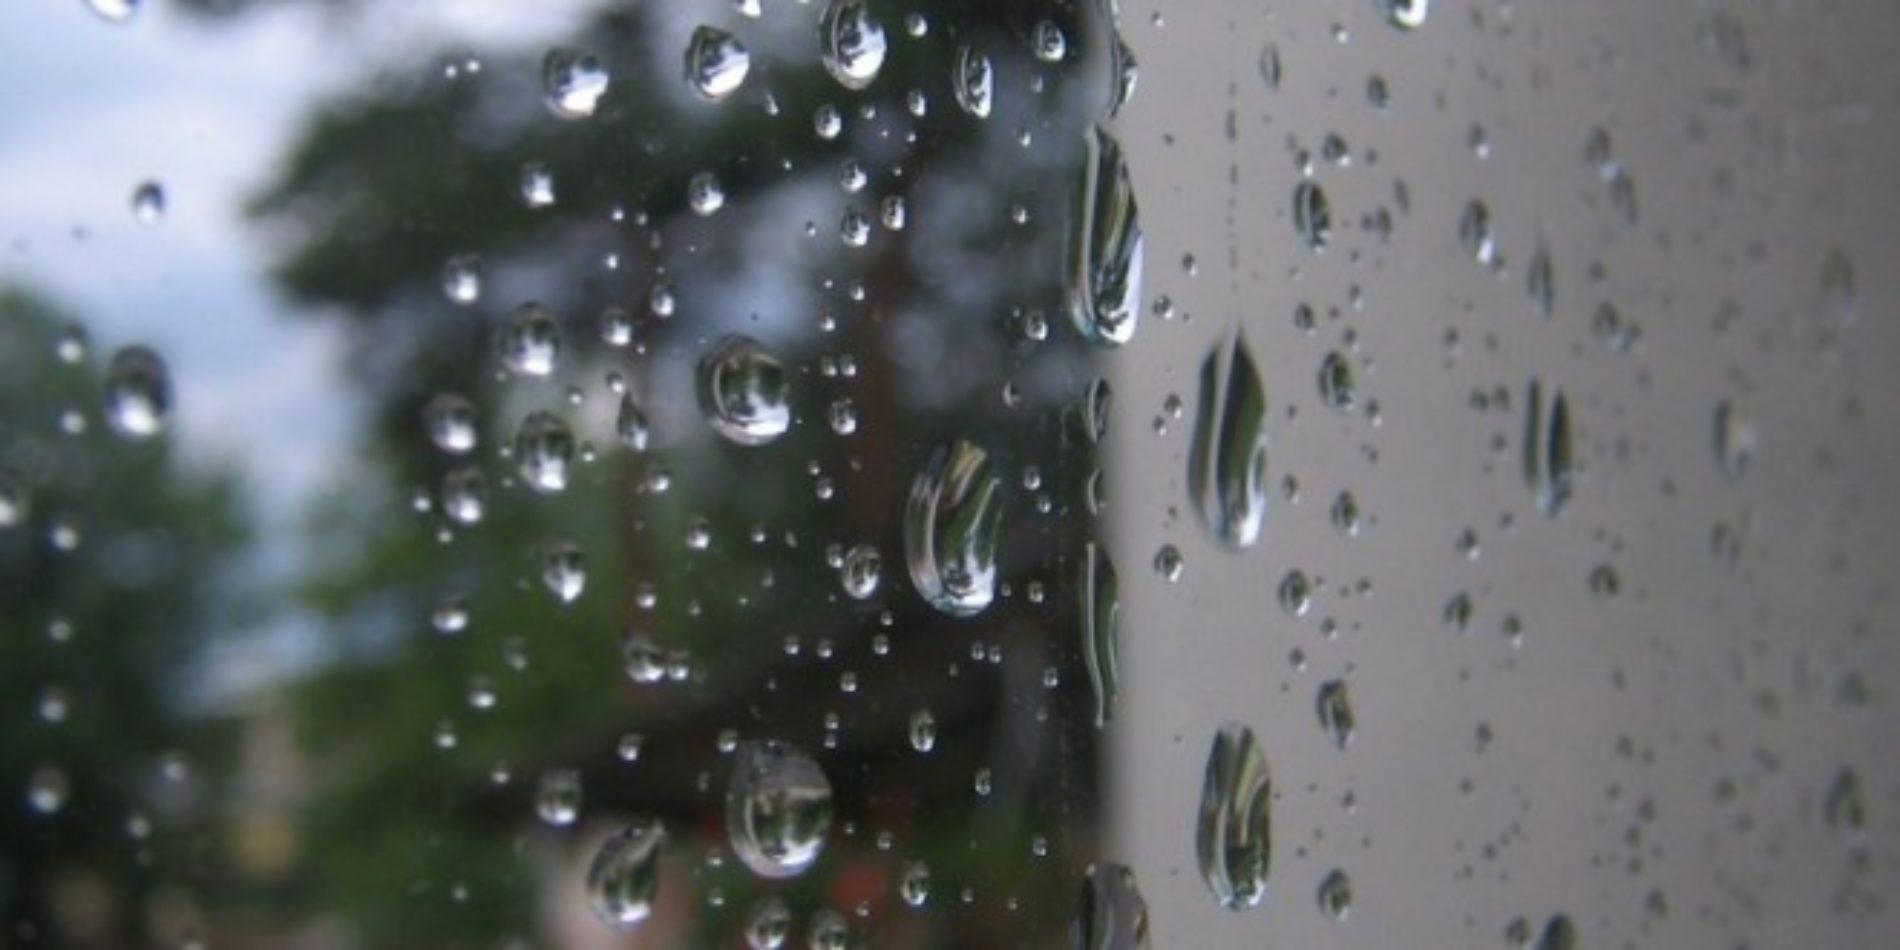 Semana arranca cinzenta e com chuva